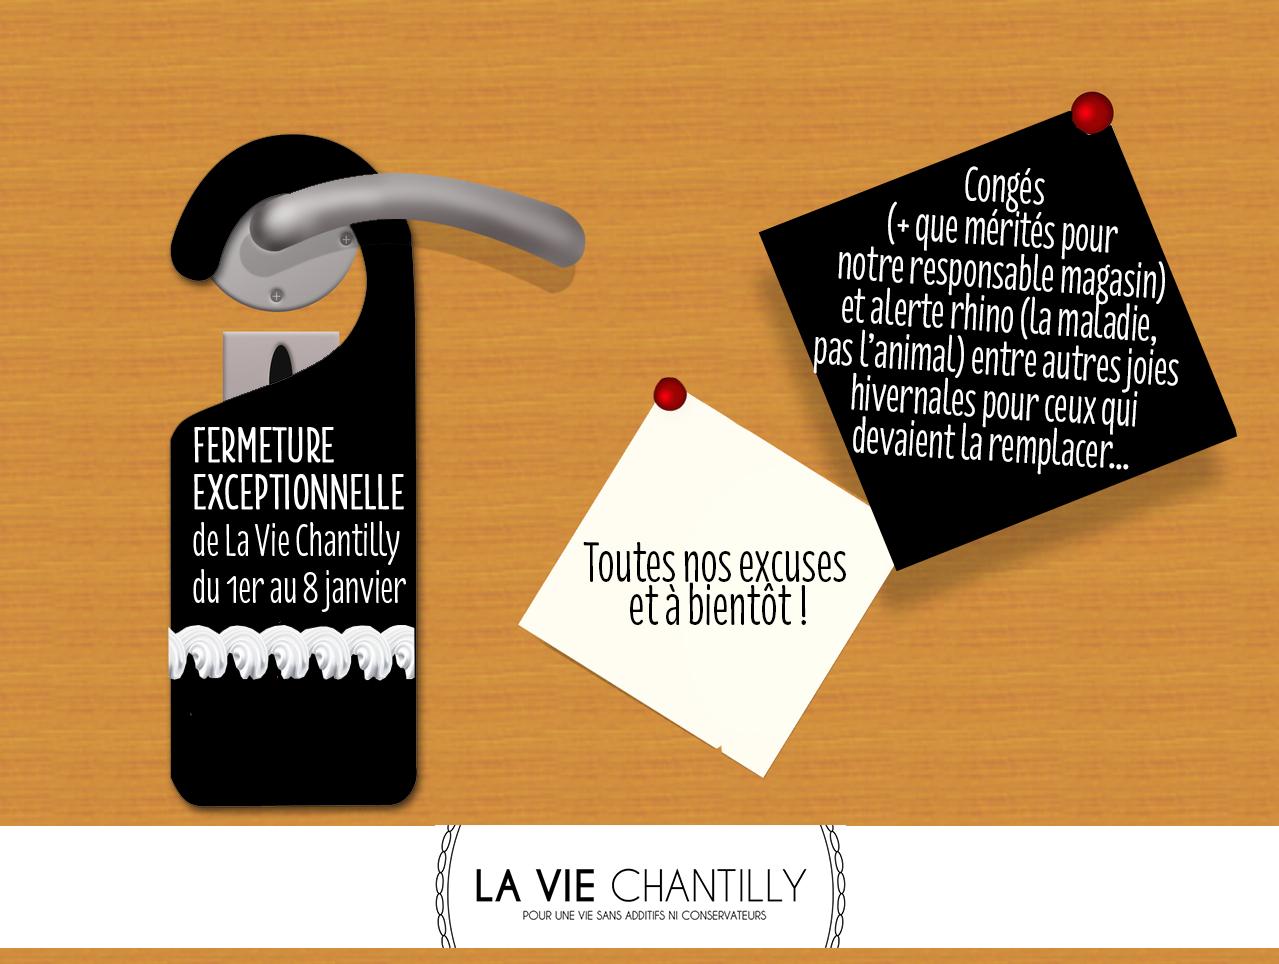 La Vie Chantilly fermée du 1er au 8 janvier 2018